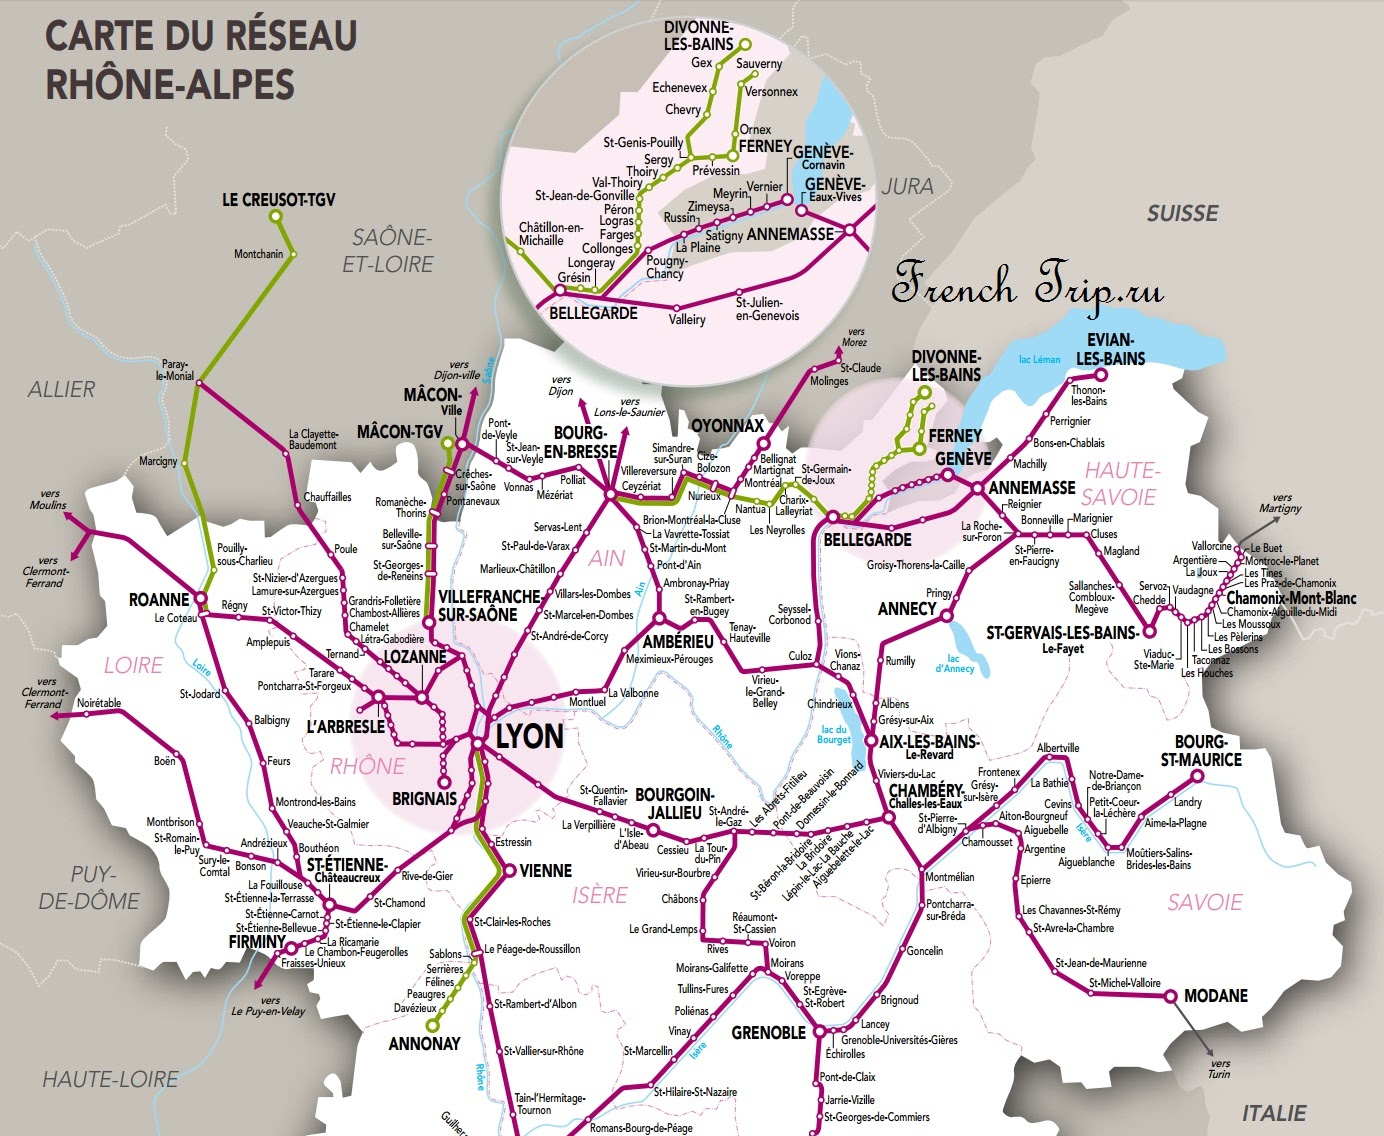 Схема маршрутов региональных поездов из Лиона - Расписание поездов в Лион: вокзалы LYON-PERRACHE и LYON-PART-DIEU. Все поезда в Лион - как доехать в Лион на поезде, схема маршрутов поездов из Лиона